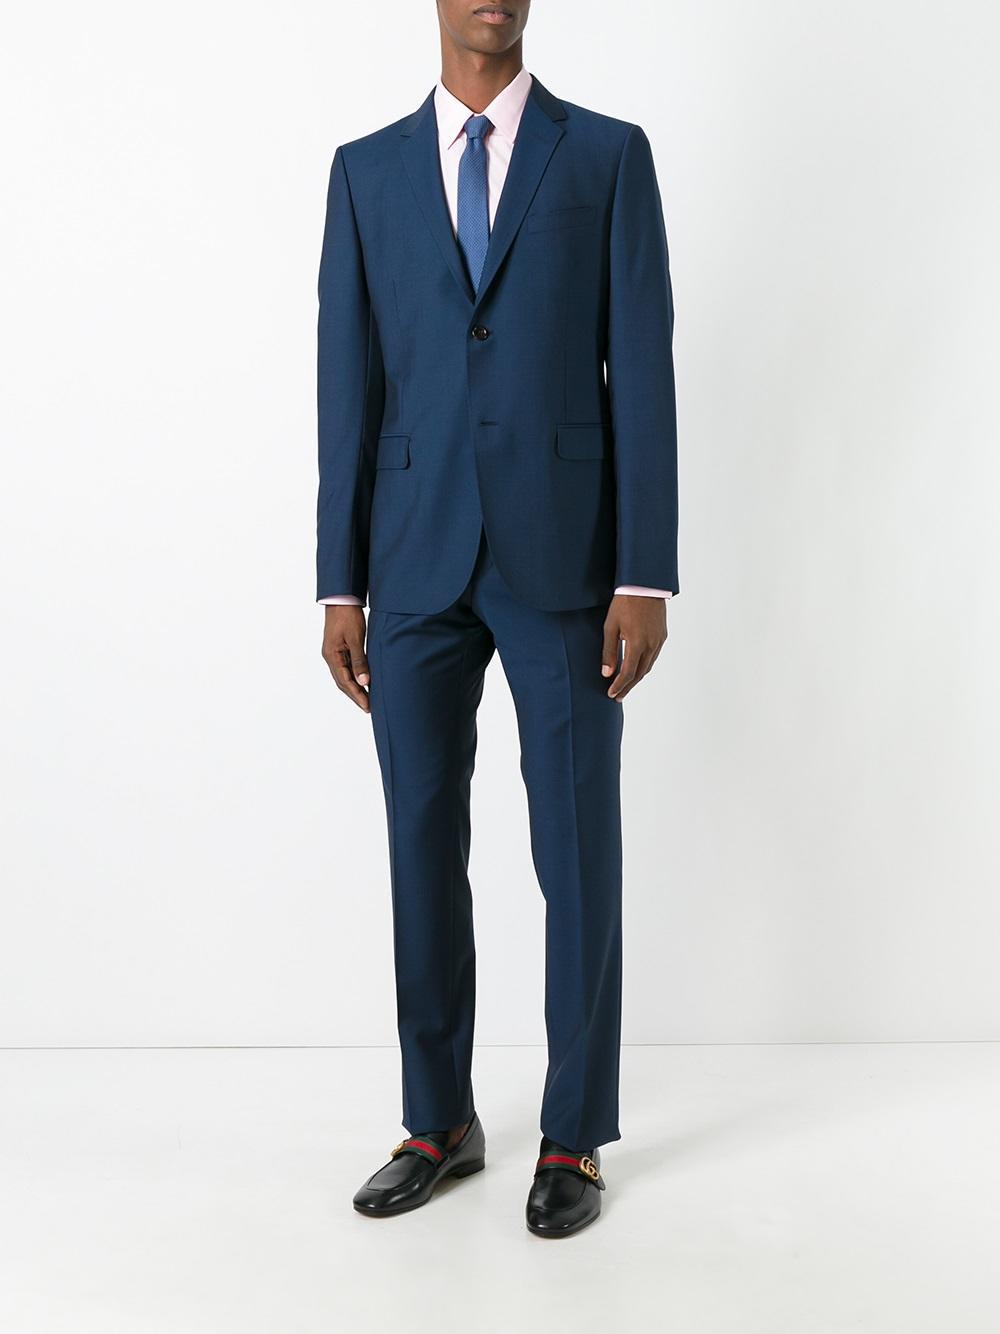 55.00EUR, gucci Survetement hommes - page3,survetement gucci costume sport  confortable hoodie steel logo. Gucci Web Crest T-shirt 4440 Homme Vêtements  ... 9cea4bf79813